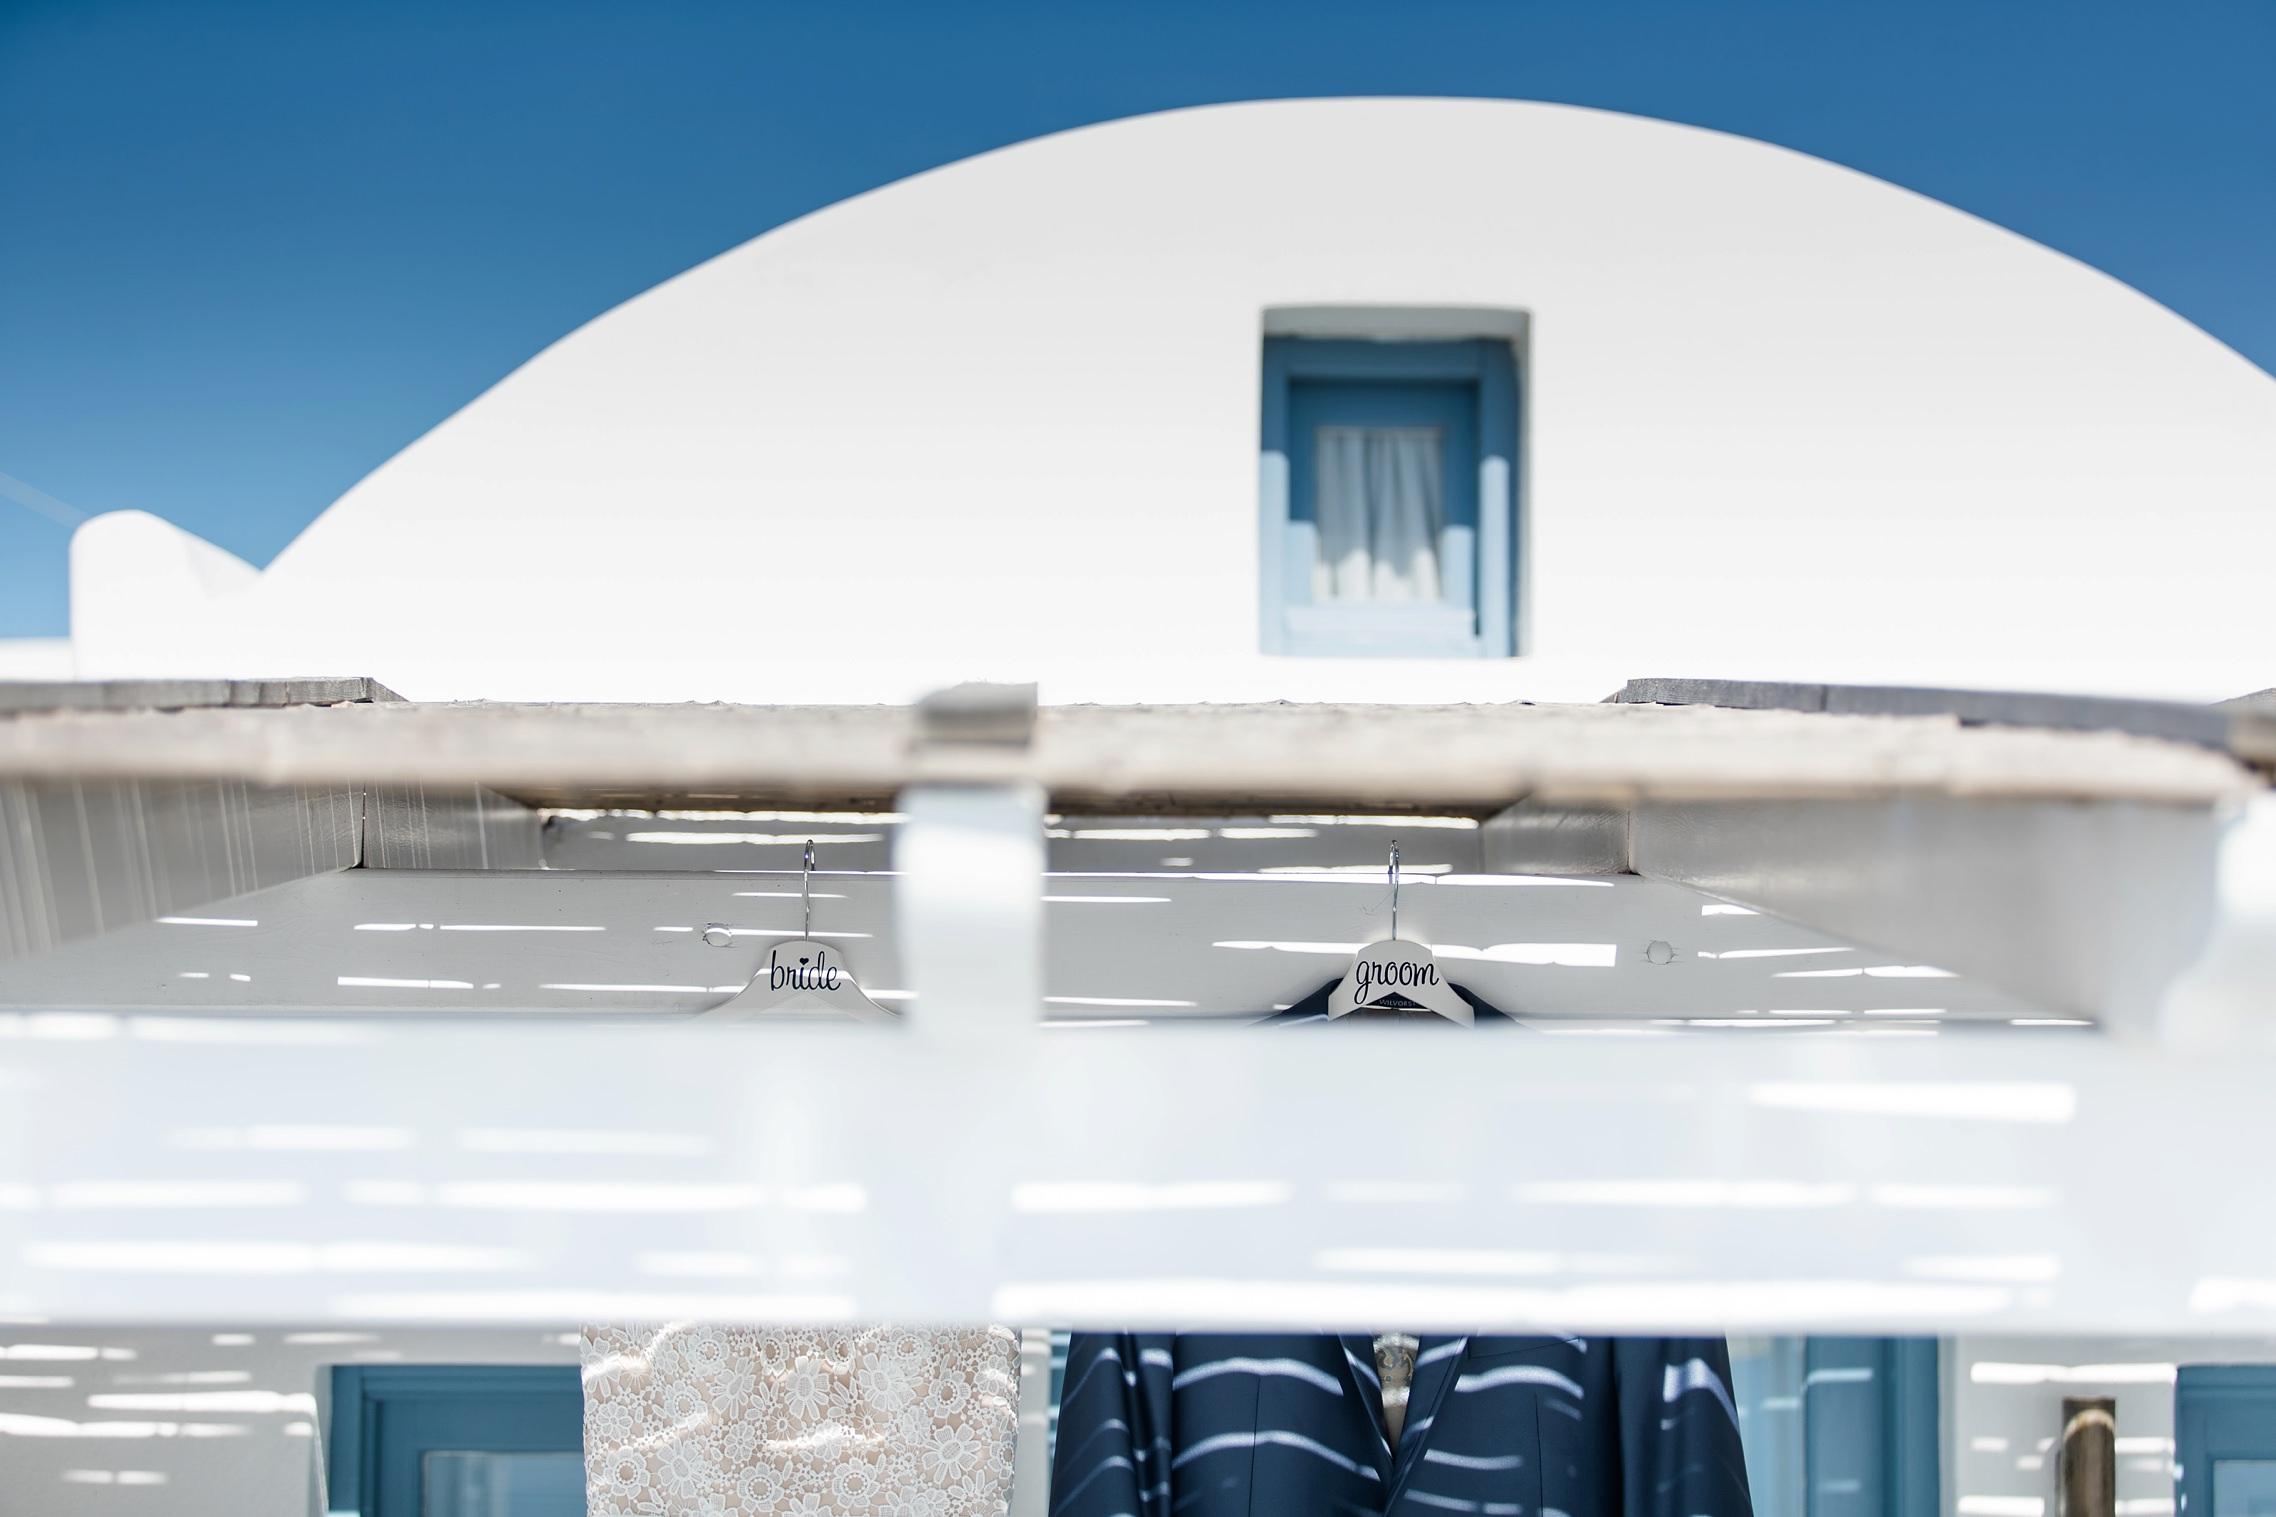 After-Wedding Santorini: Unter dem Strohdach der Appartment-Terrasse hängen das Brautkleid und der Anzug des Bräutigams an beschrifteten Kleiderhaken.